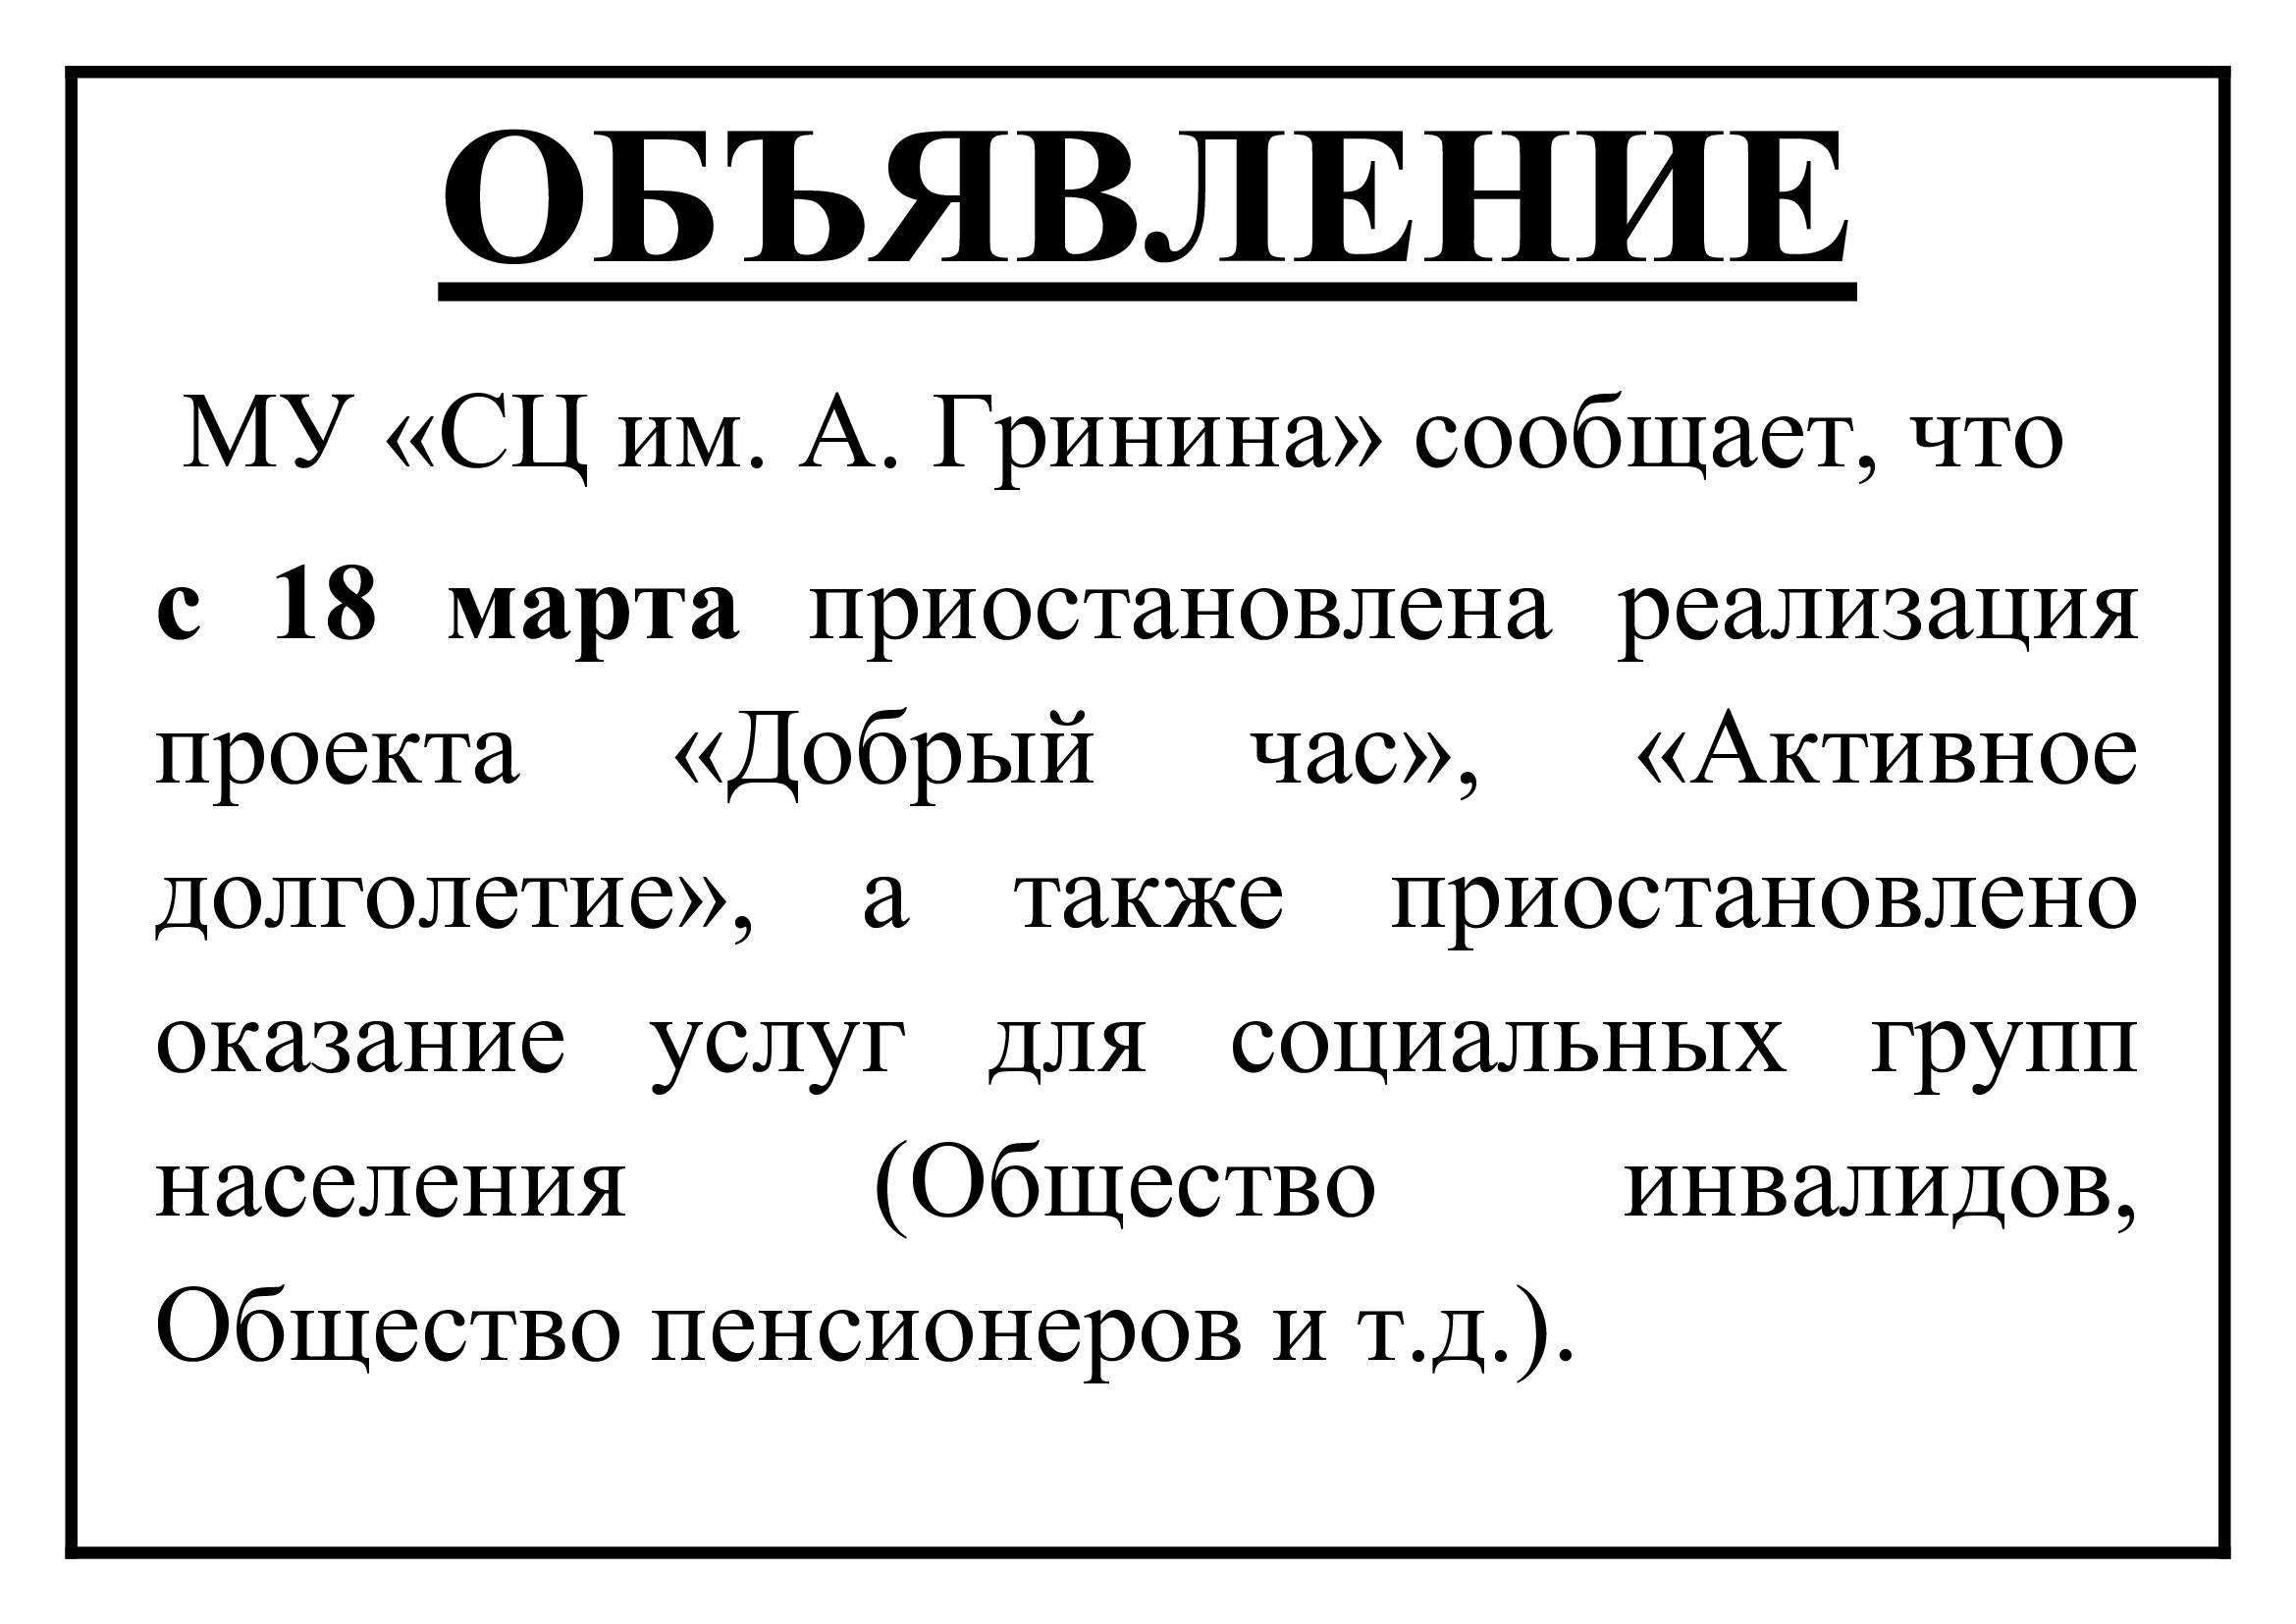 Режим повышенной готовности в Московской области в связи с короновирусом